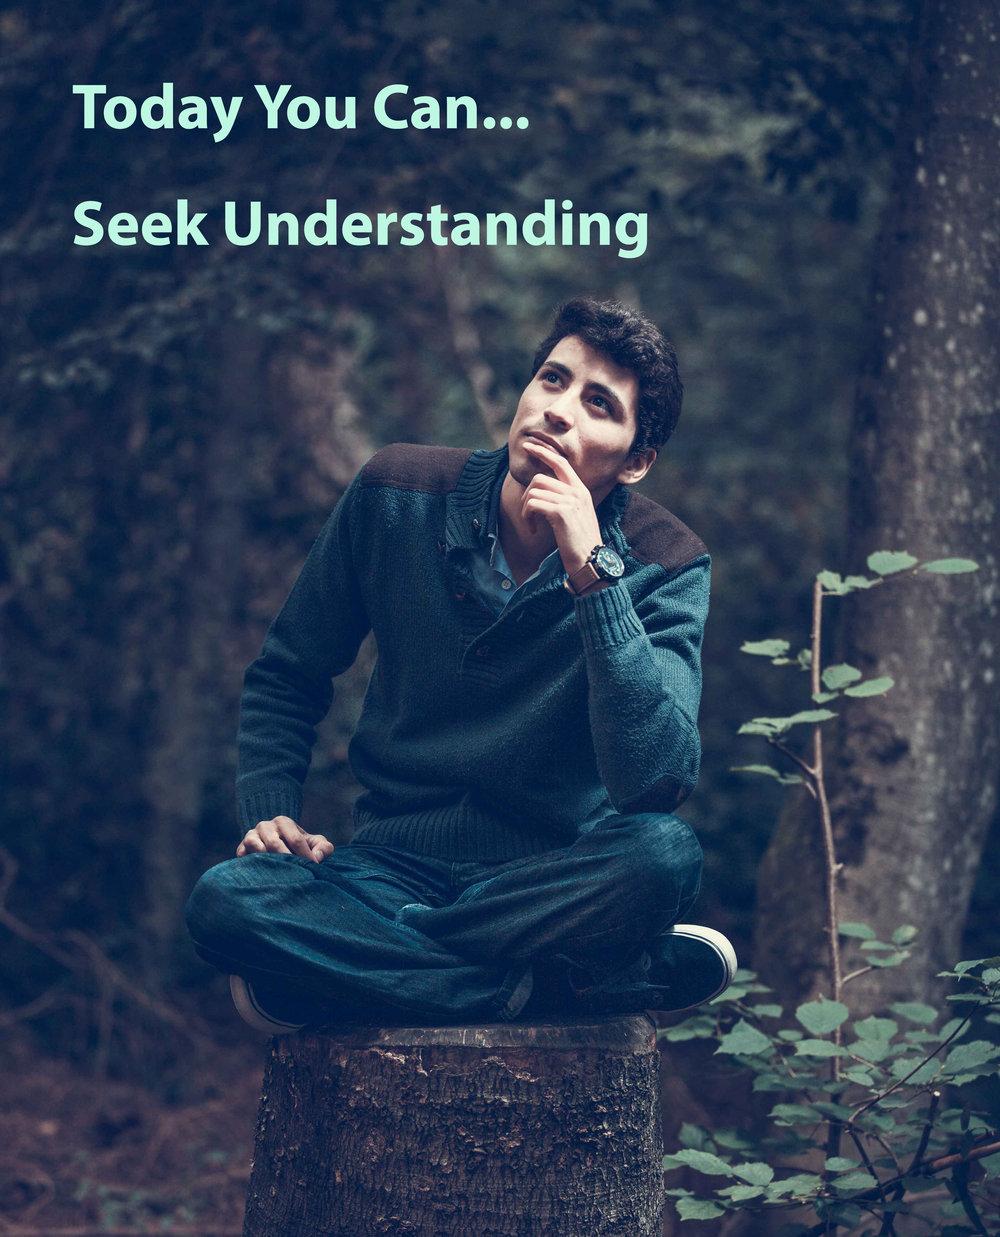 Seek understanding.jpg